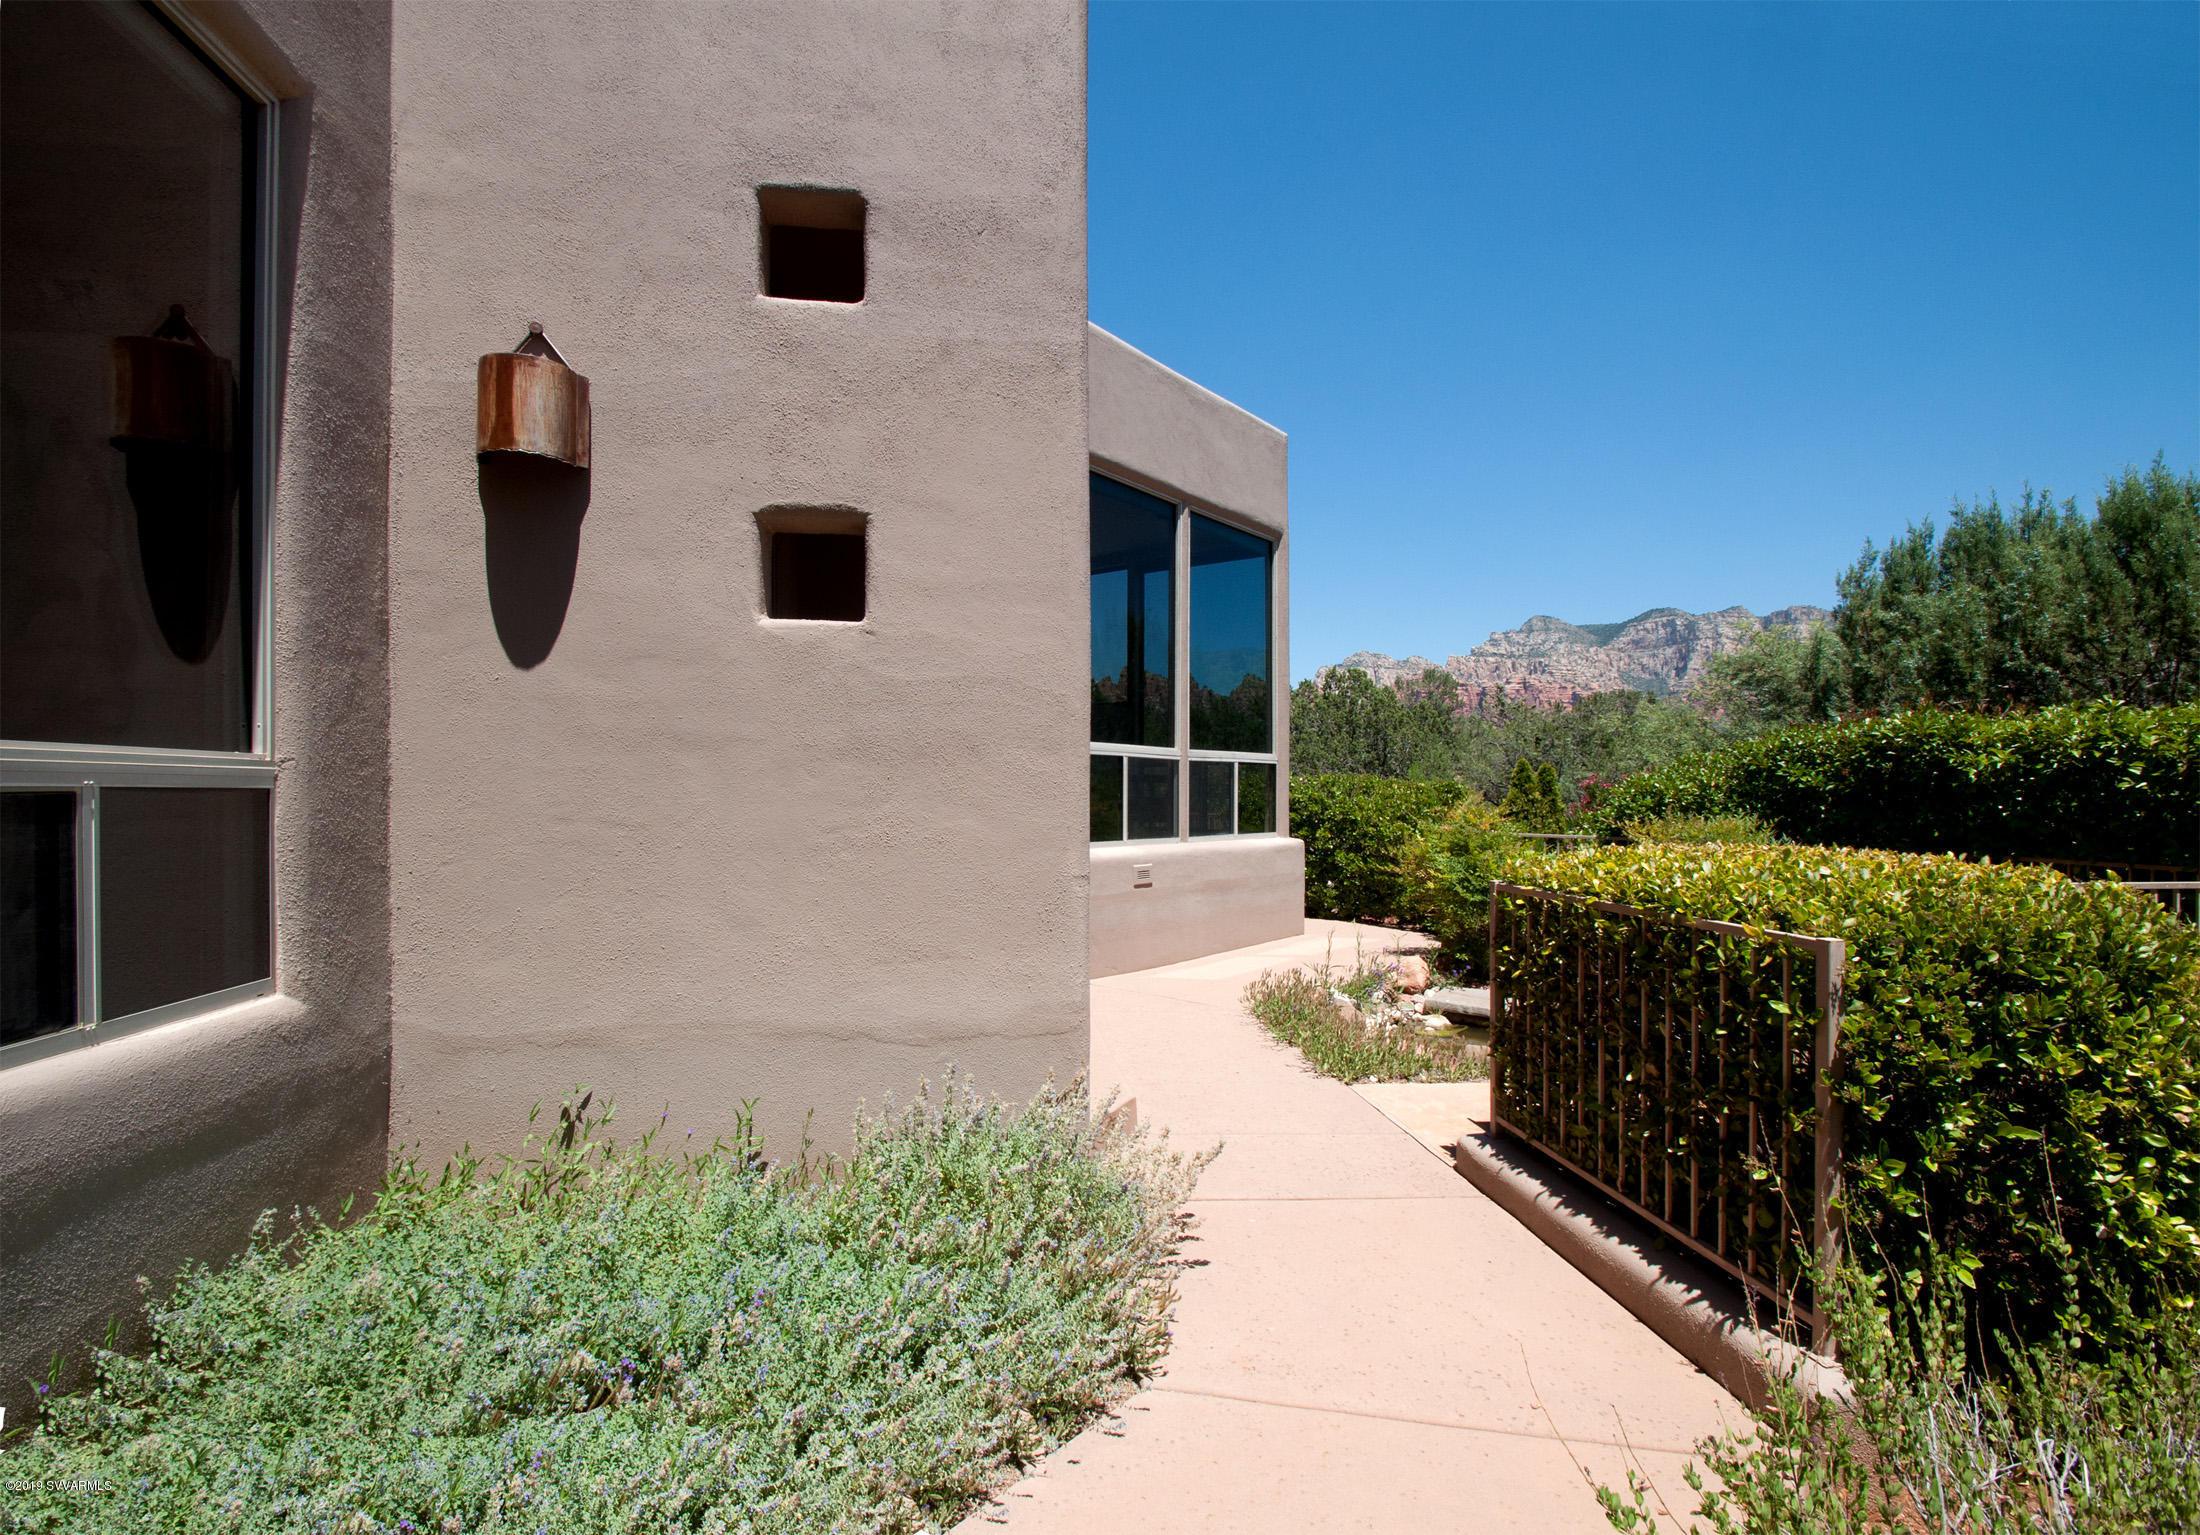 96 Arrow Drive Sedona, AZ 86336